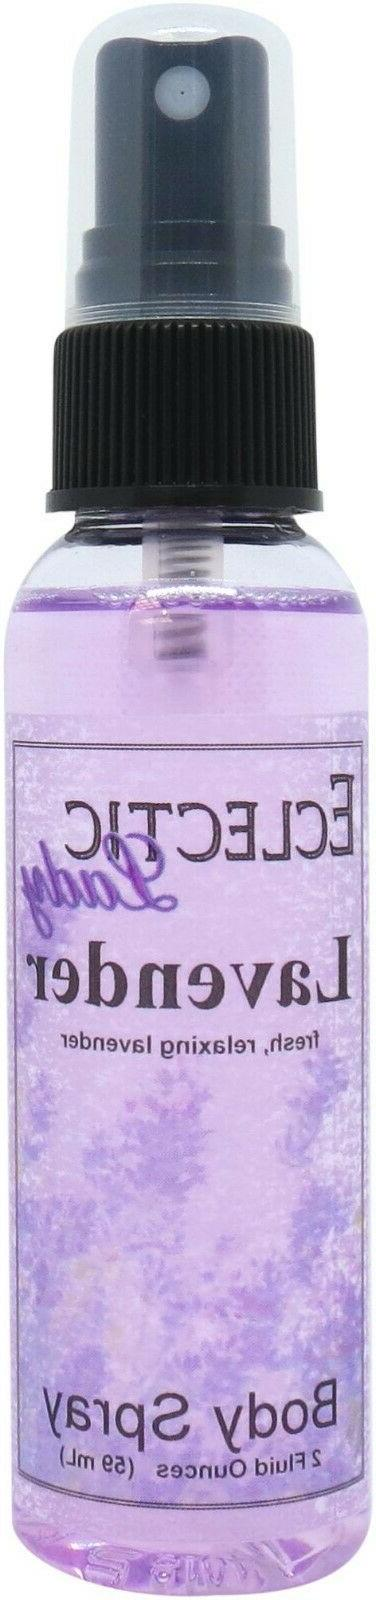 lavender body spray